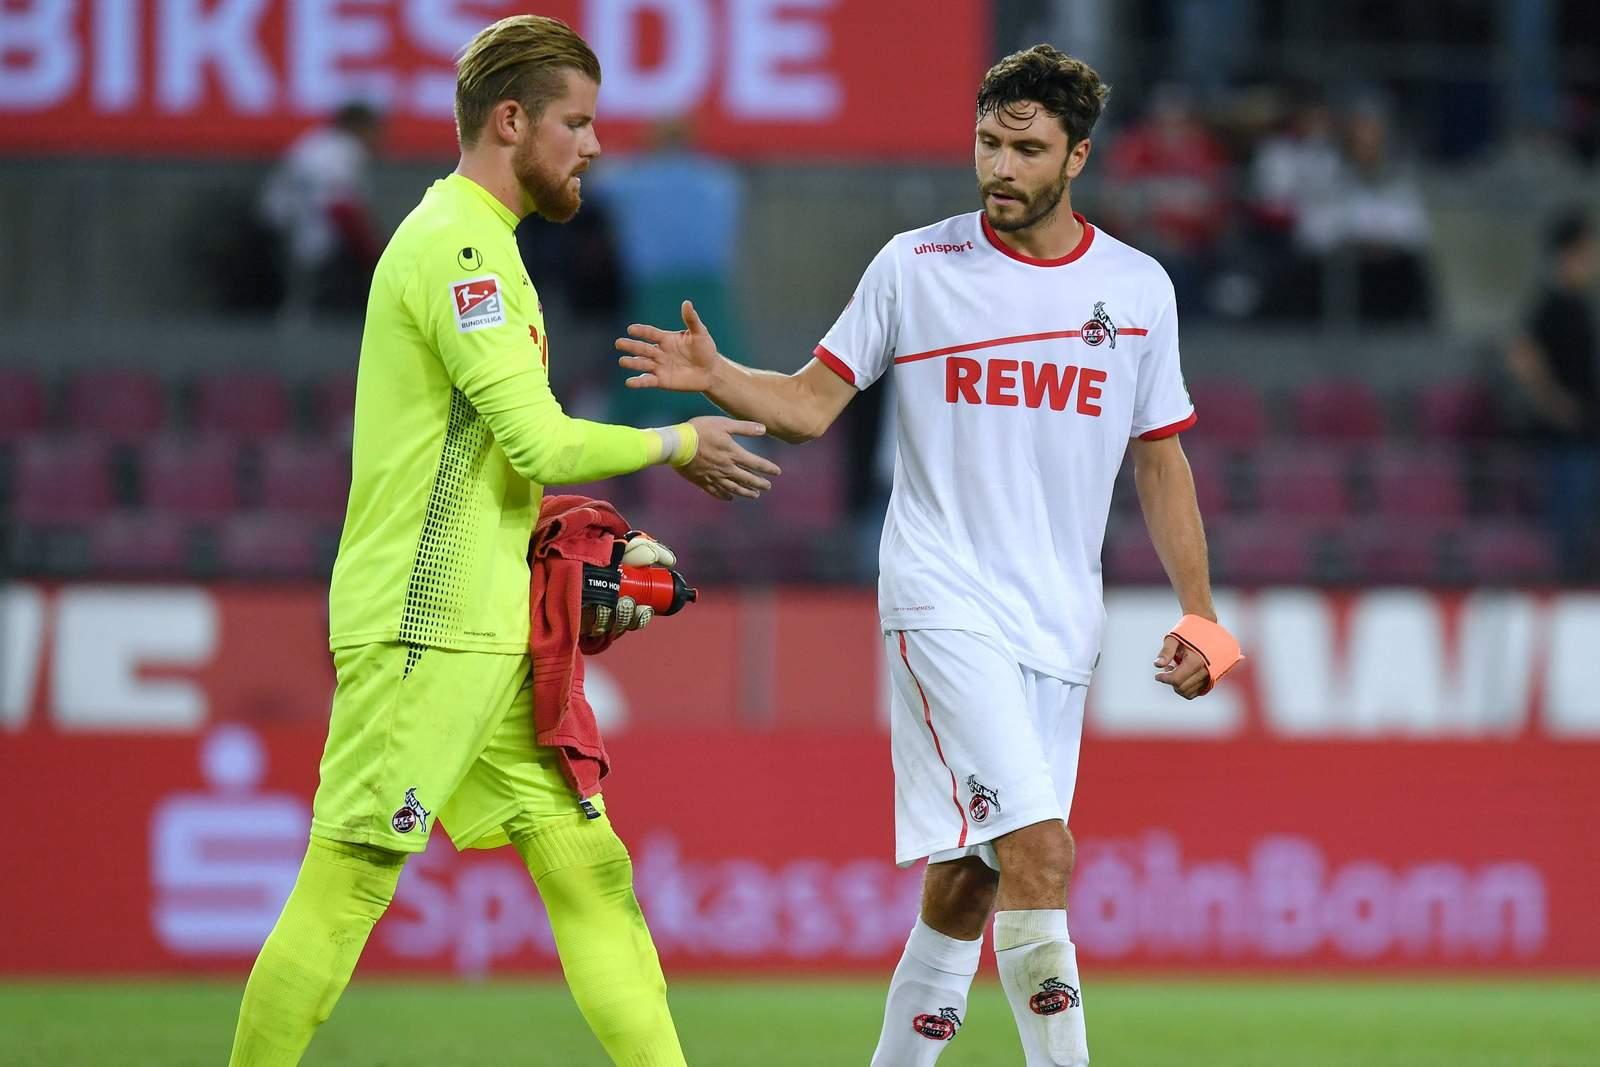 Timo Horn und Jonas Hector klatschen nach Spiel des 1.FC Köln ab